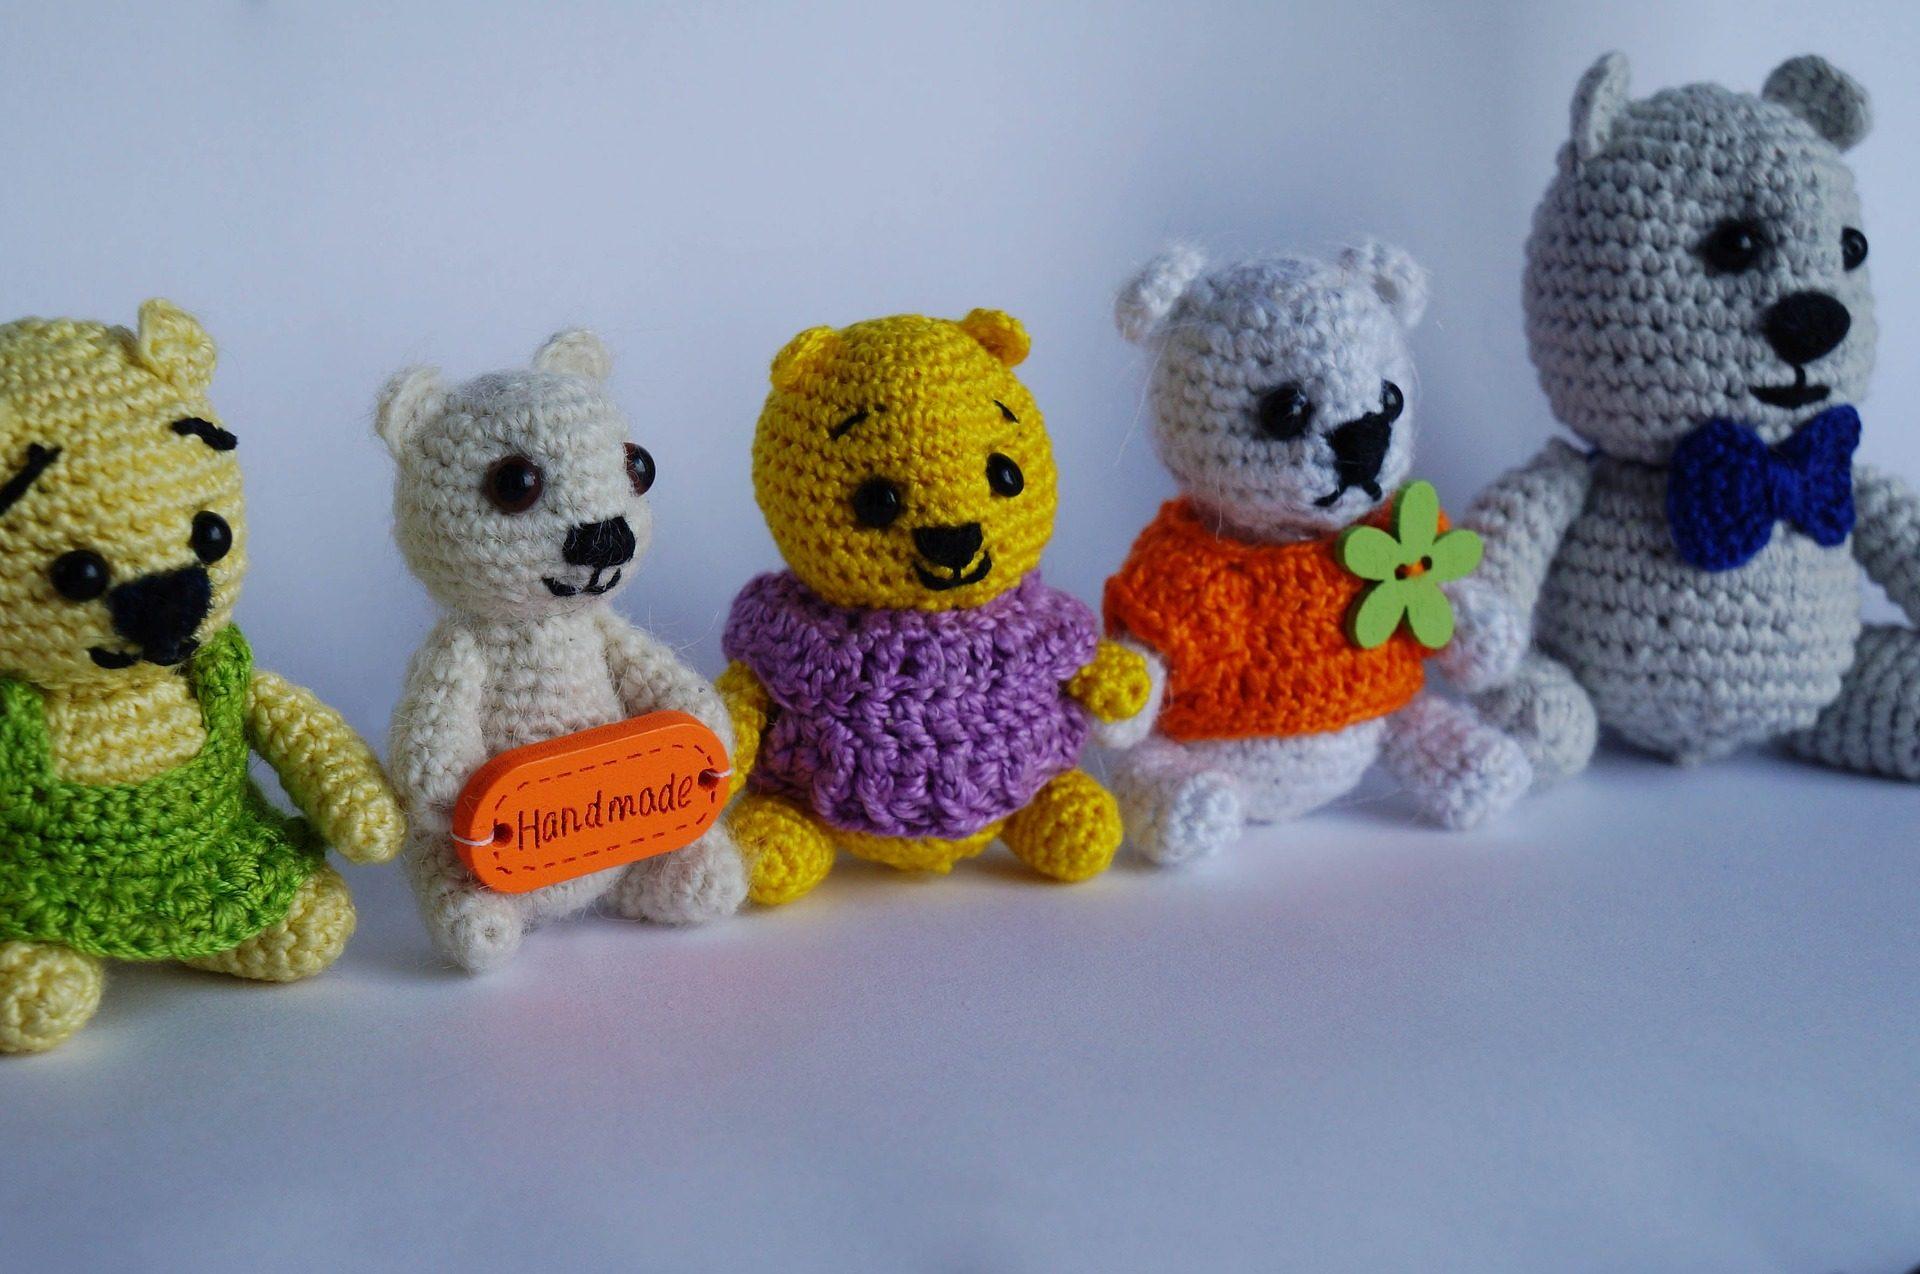 ursos, brinquedos de pelúcia, brinquedos, lã, Amigurumi - Papéis de parede HD - Professor-falken.com